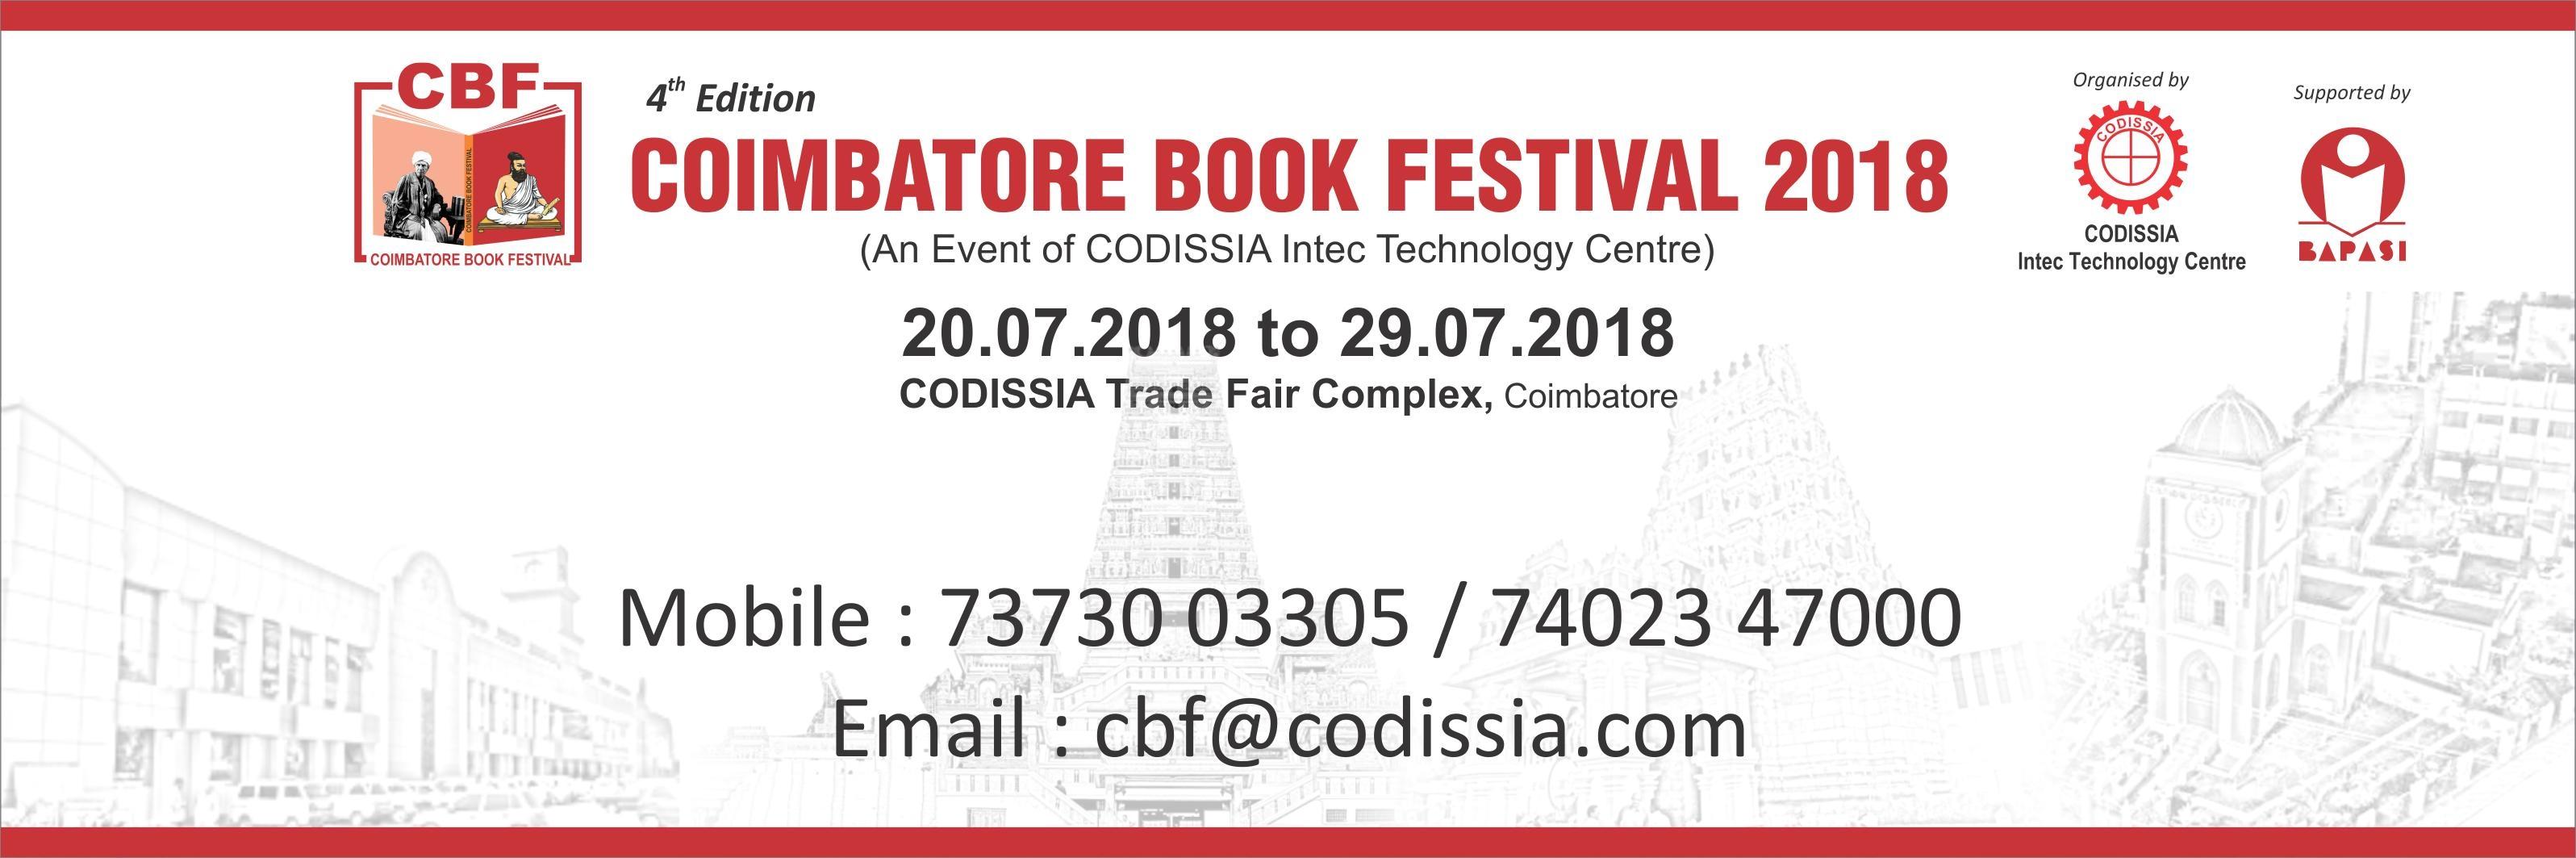 coimbatore book festival 2018